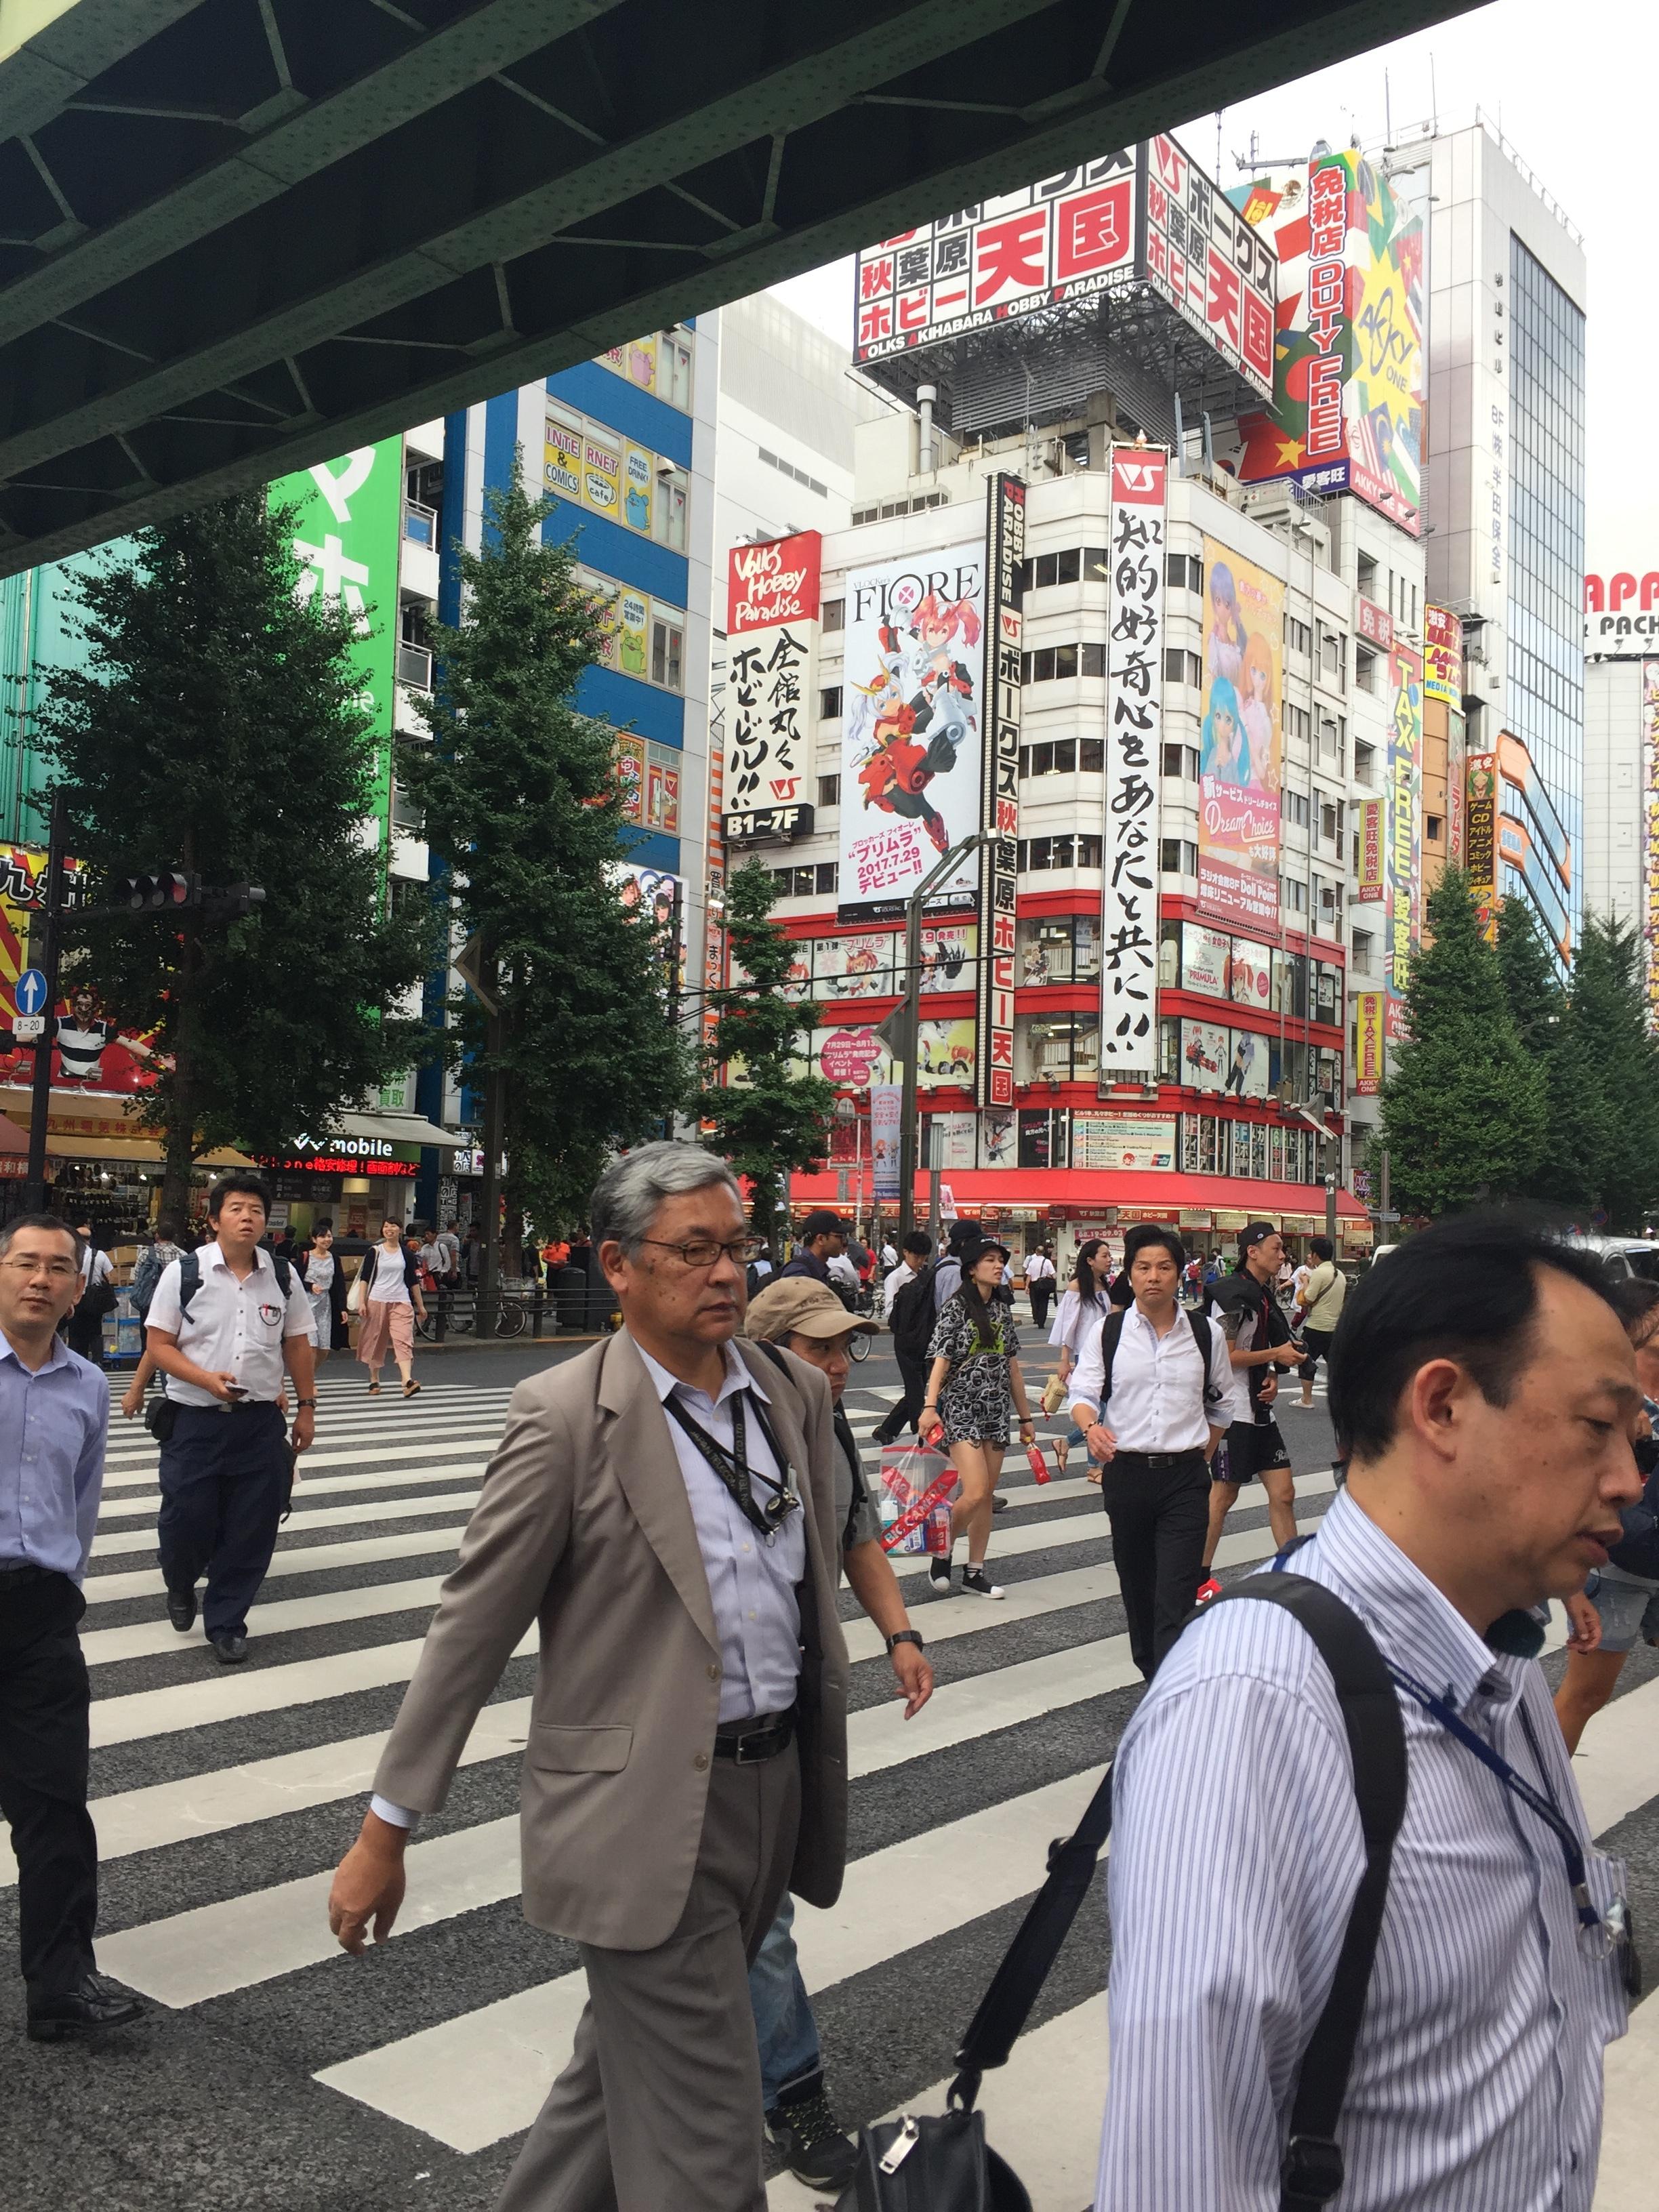 Shibuyu Crossing